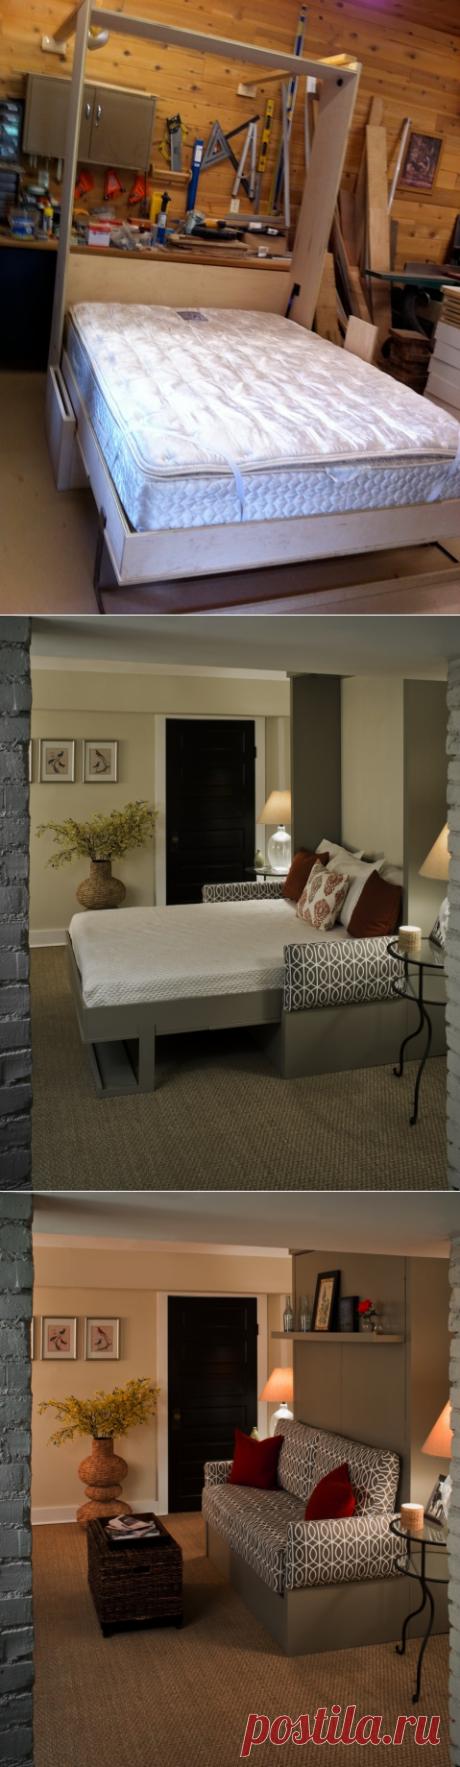 Part 2. Dual Purpose Space & Murphy Beds Interior Designer in Charlotte - Interior Decorator - Laura Casey Interiors